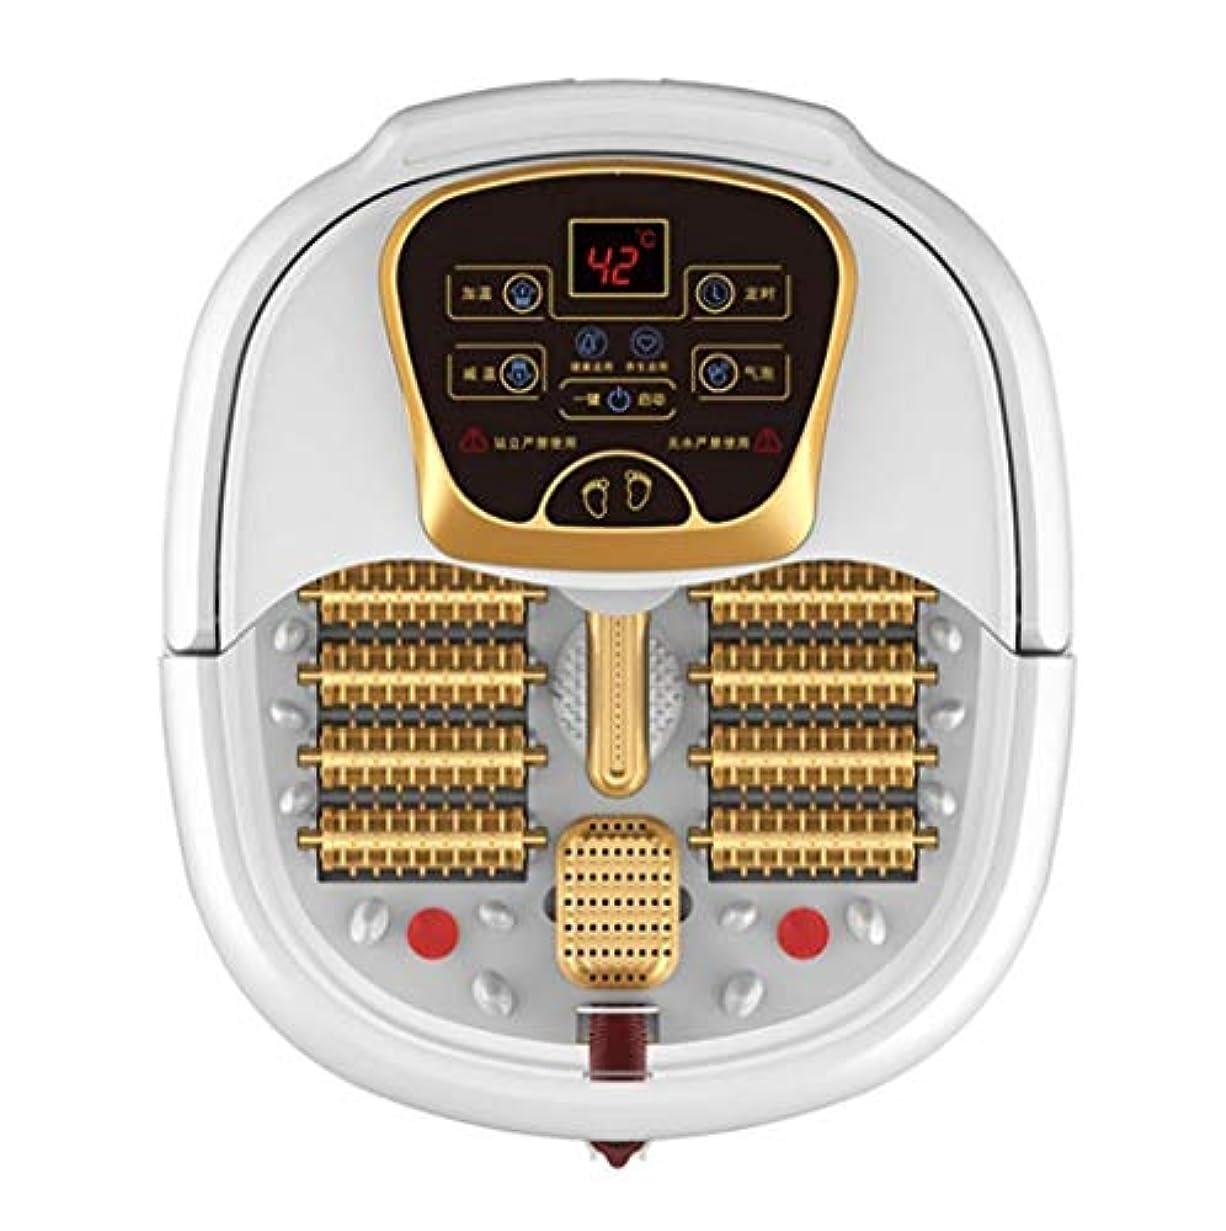 衝動知覚できる約電動フットマッサージ、フットバスバレル、ローラーペディキュアマッサージ、暖房/水泡フットマッサージ、温度制御、ストレス/痛みの緩和、血液循環/睡眠の促進、ホームオフィスでの使用 (Color : B, Size : Manual)